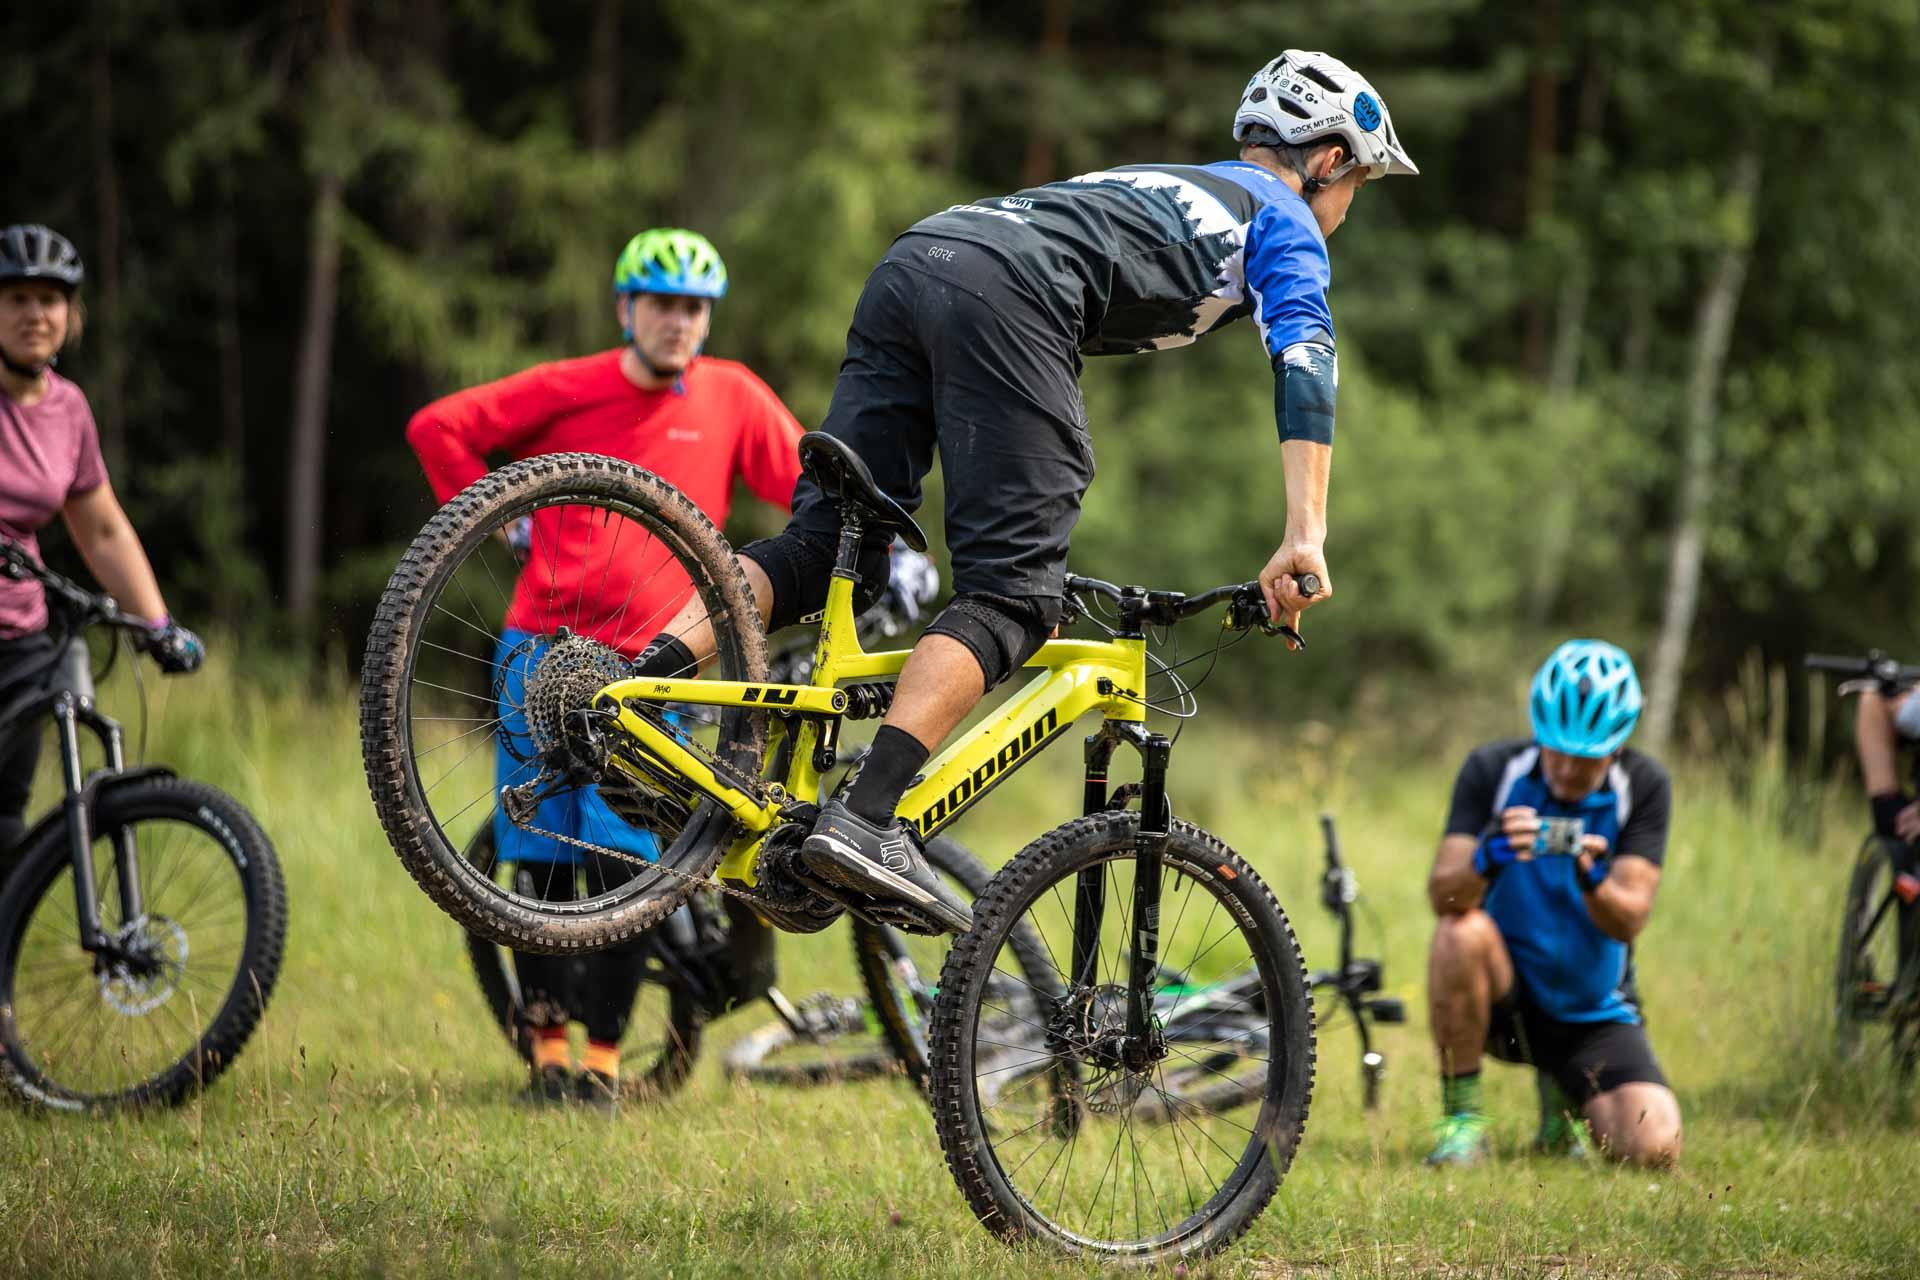 eMTB Fortgeschritten Fahrtechnik Kurs in Bad Orb Spessart - Rock my Trail Bikeschule - 12